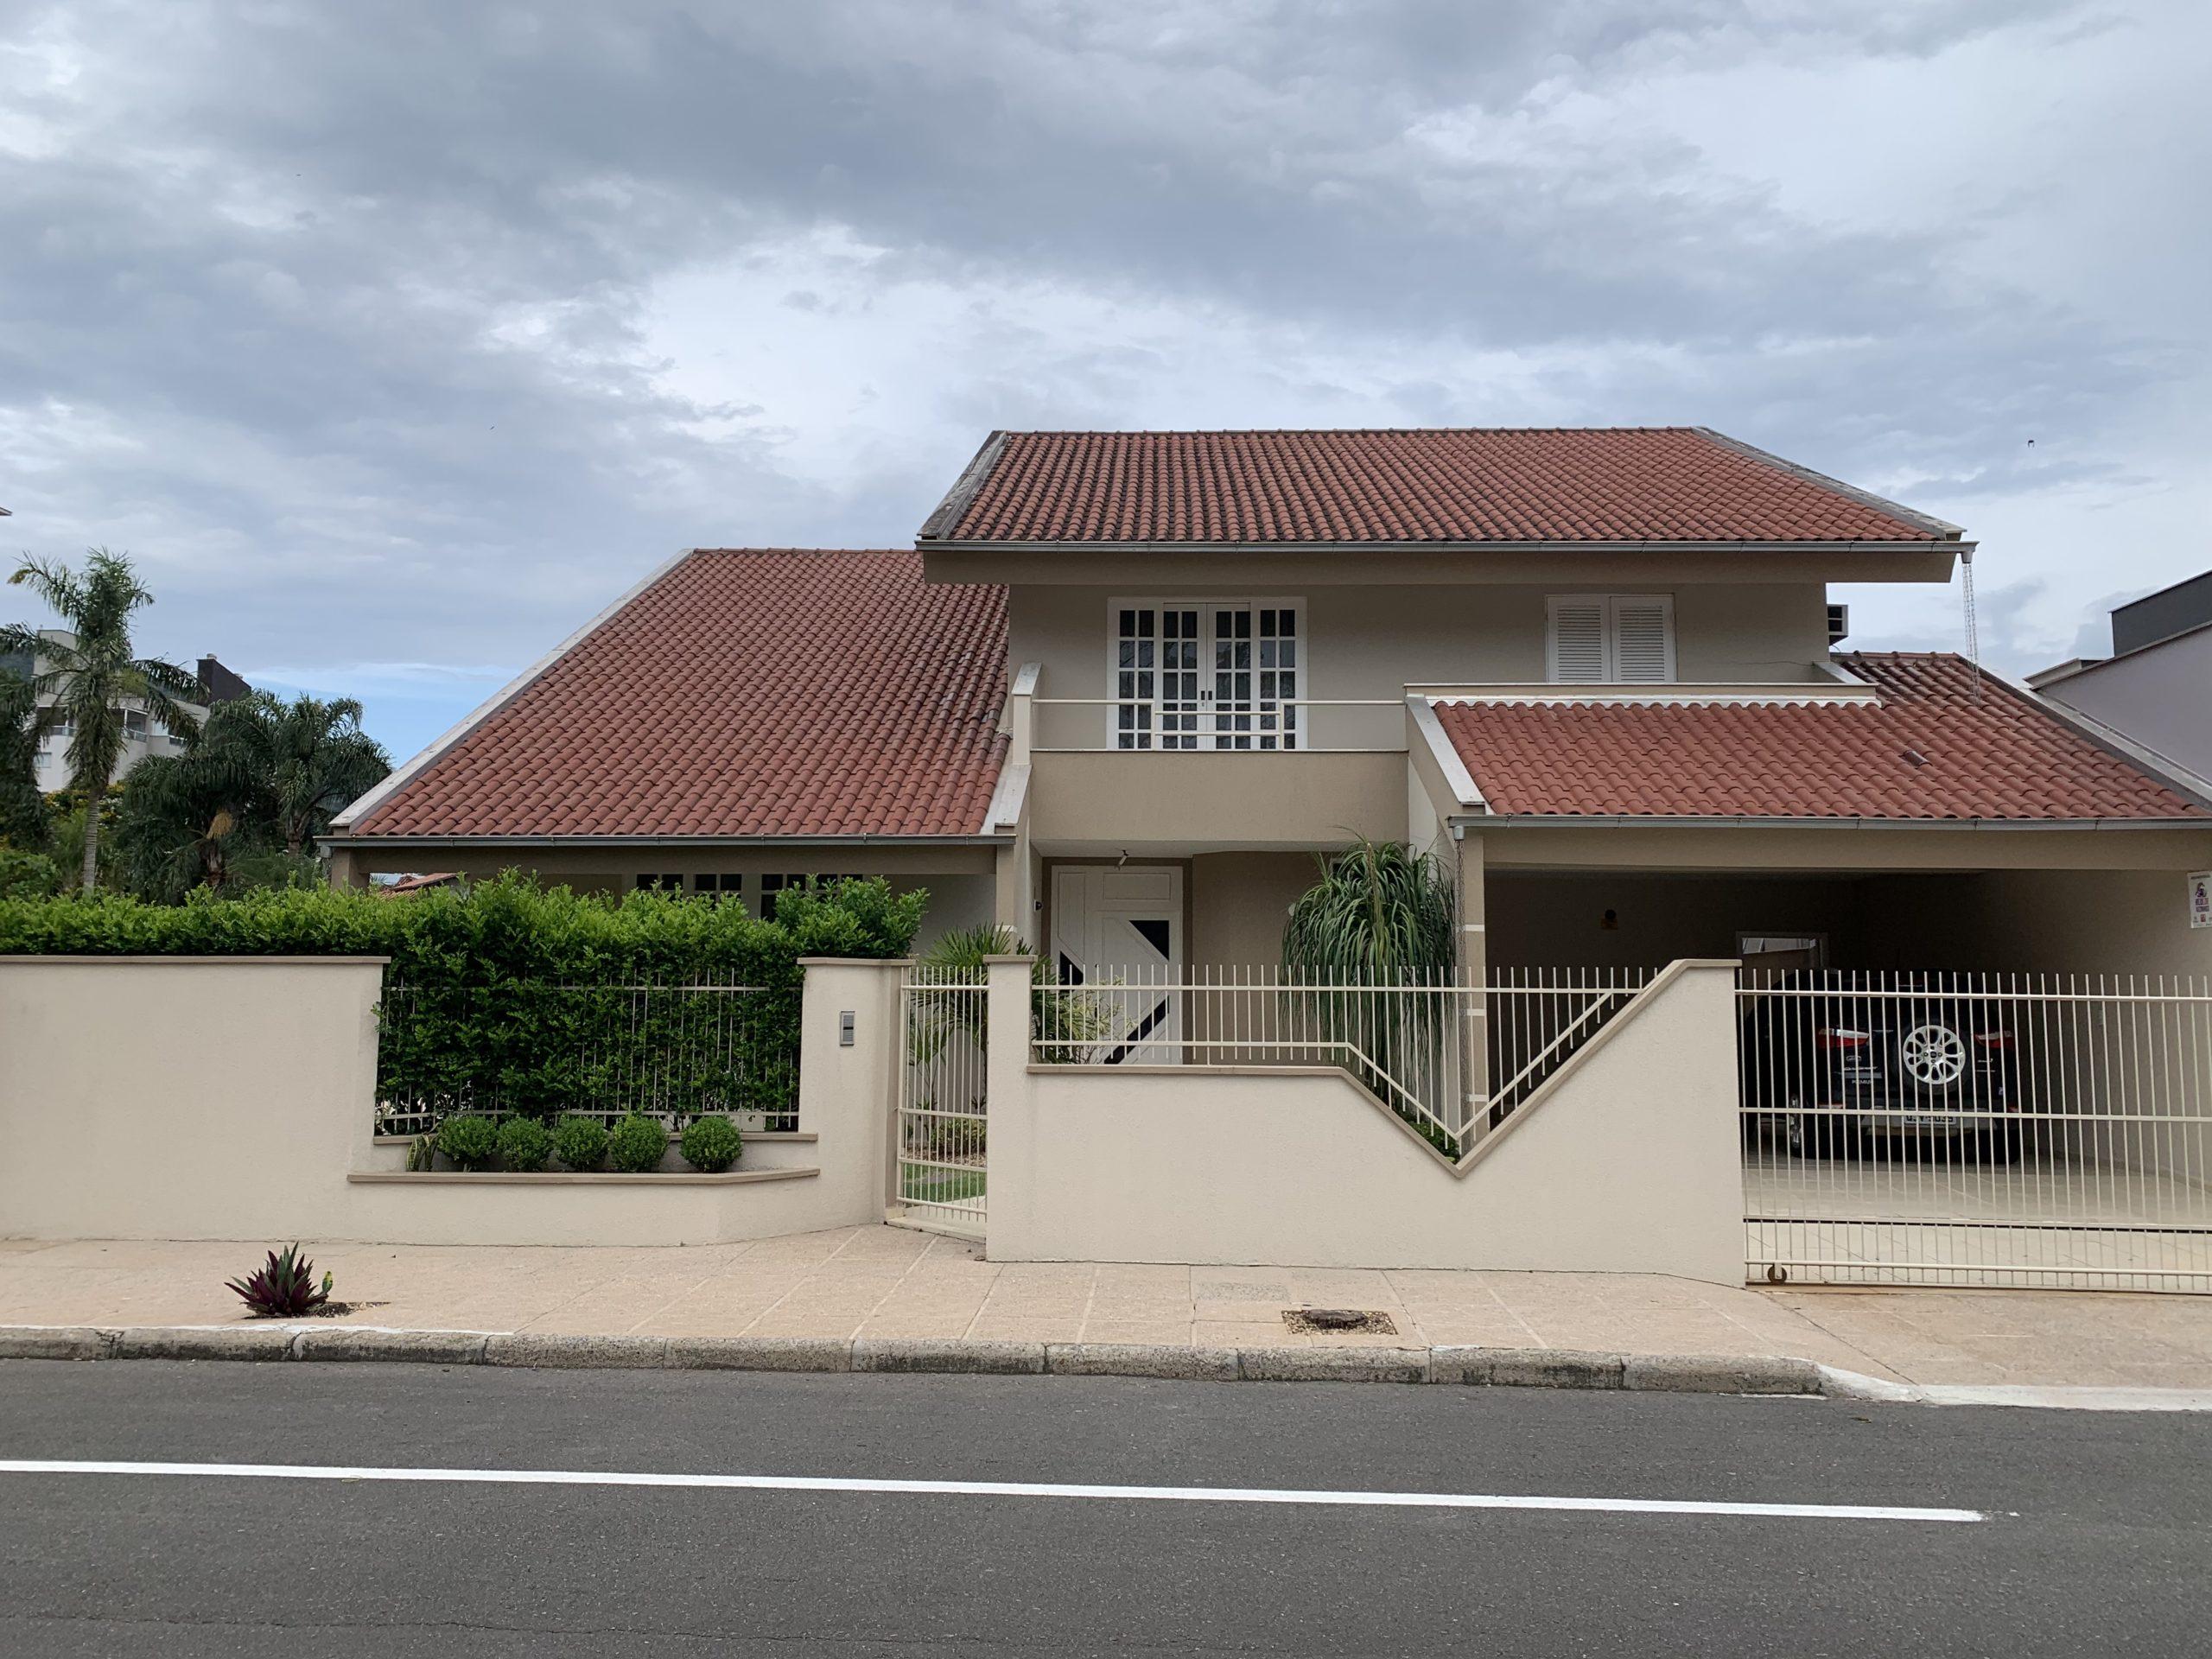 C0269 – Bela casa com terreno grande no Bairro Amizade.